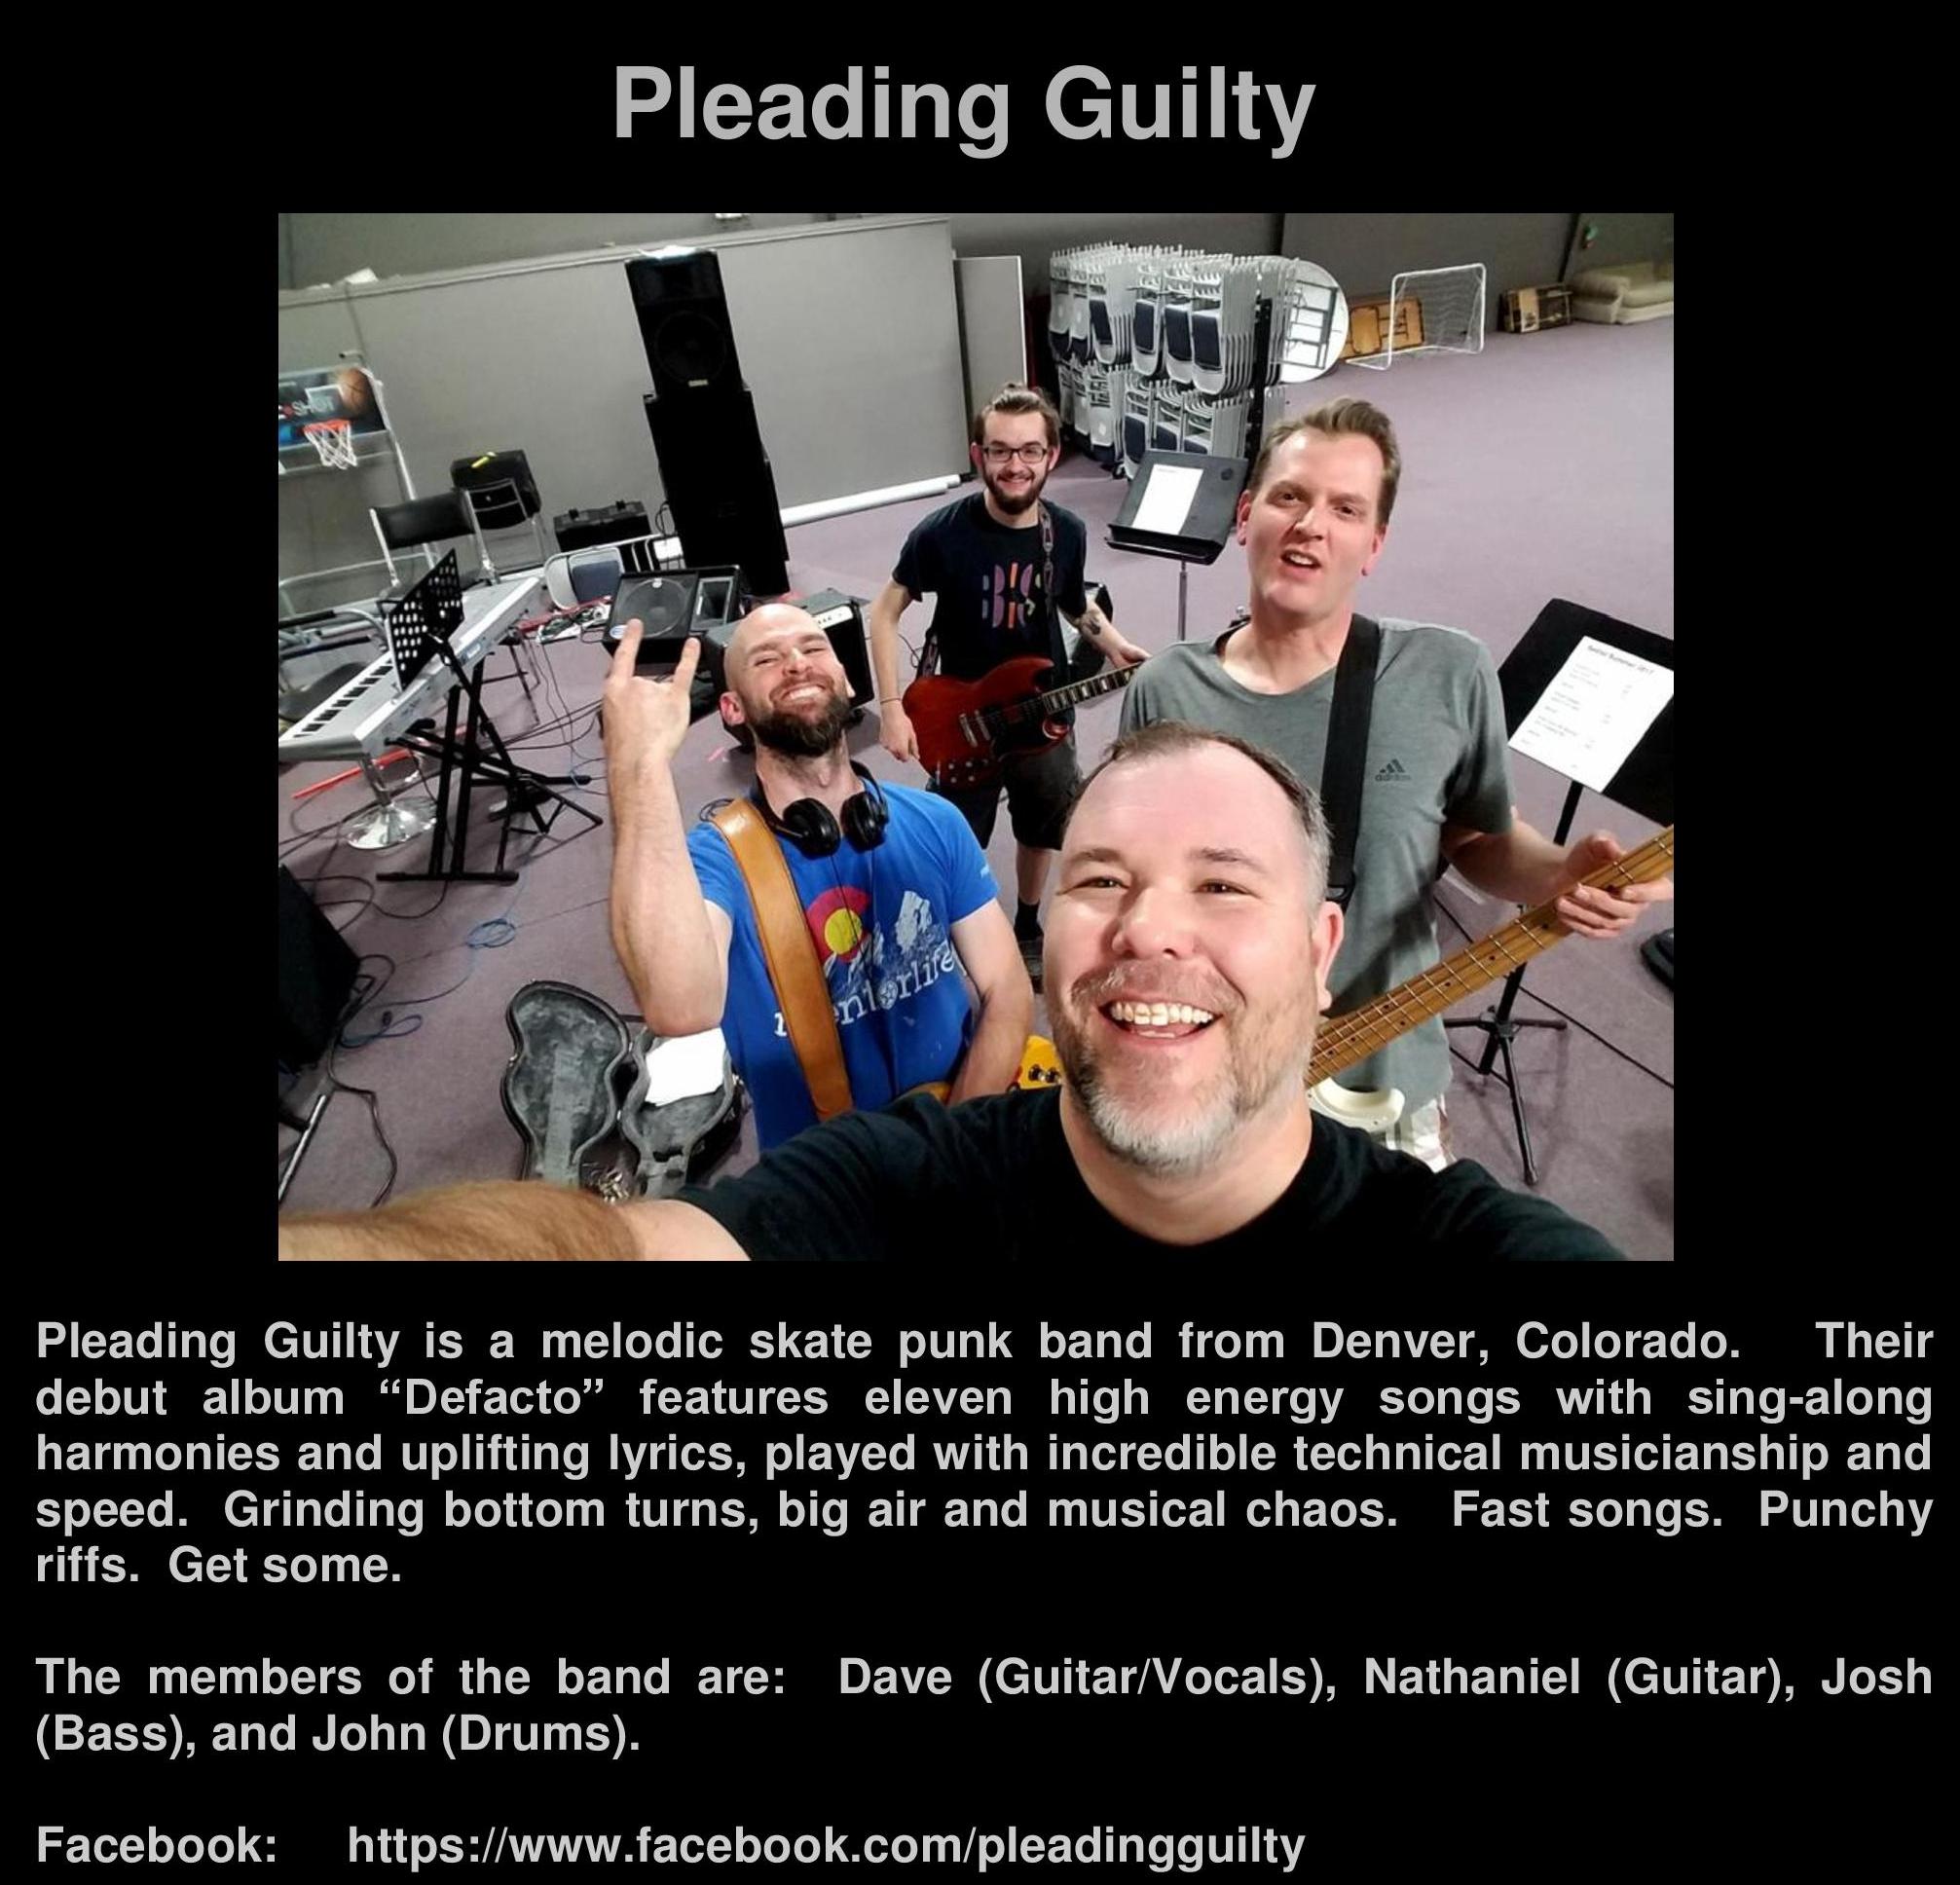 Pleading Guilty 170831-page-001 crop.jpg